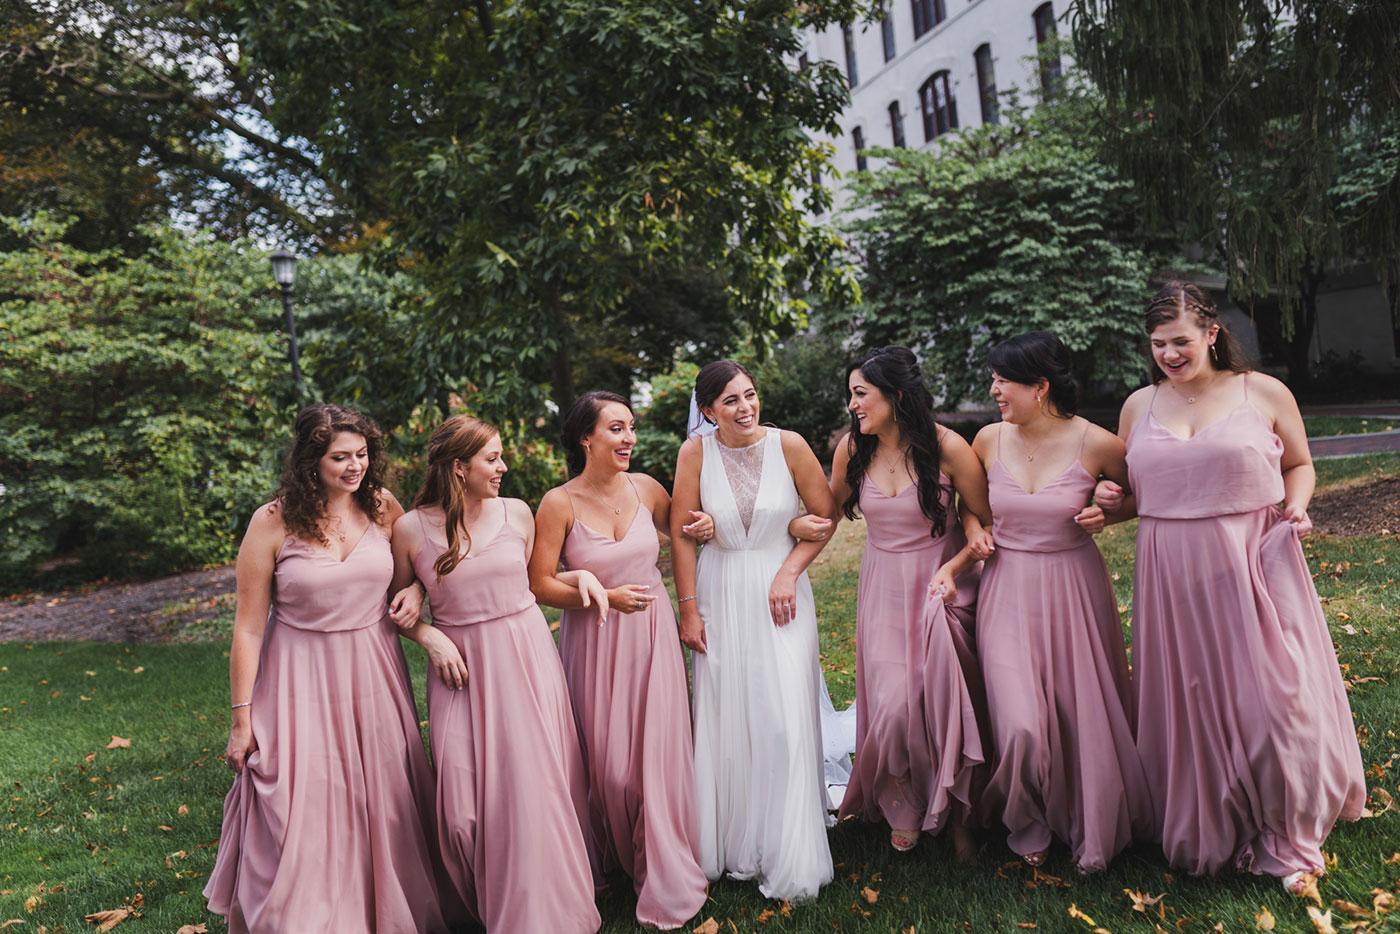 bride and bridesmaids walking from a wedding at Saint Thomas of Villanova by Weddings by Hanel